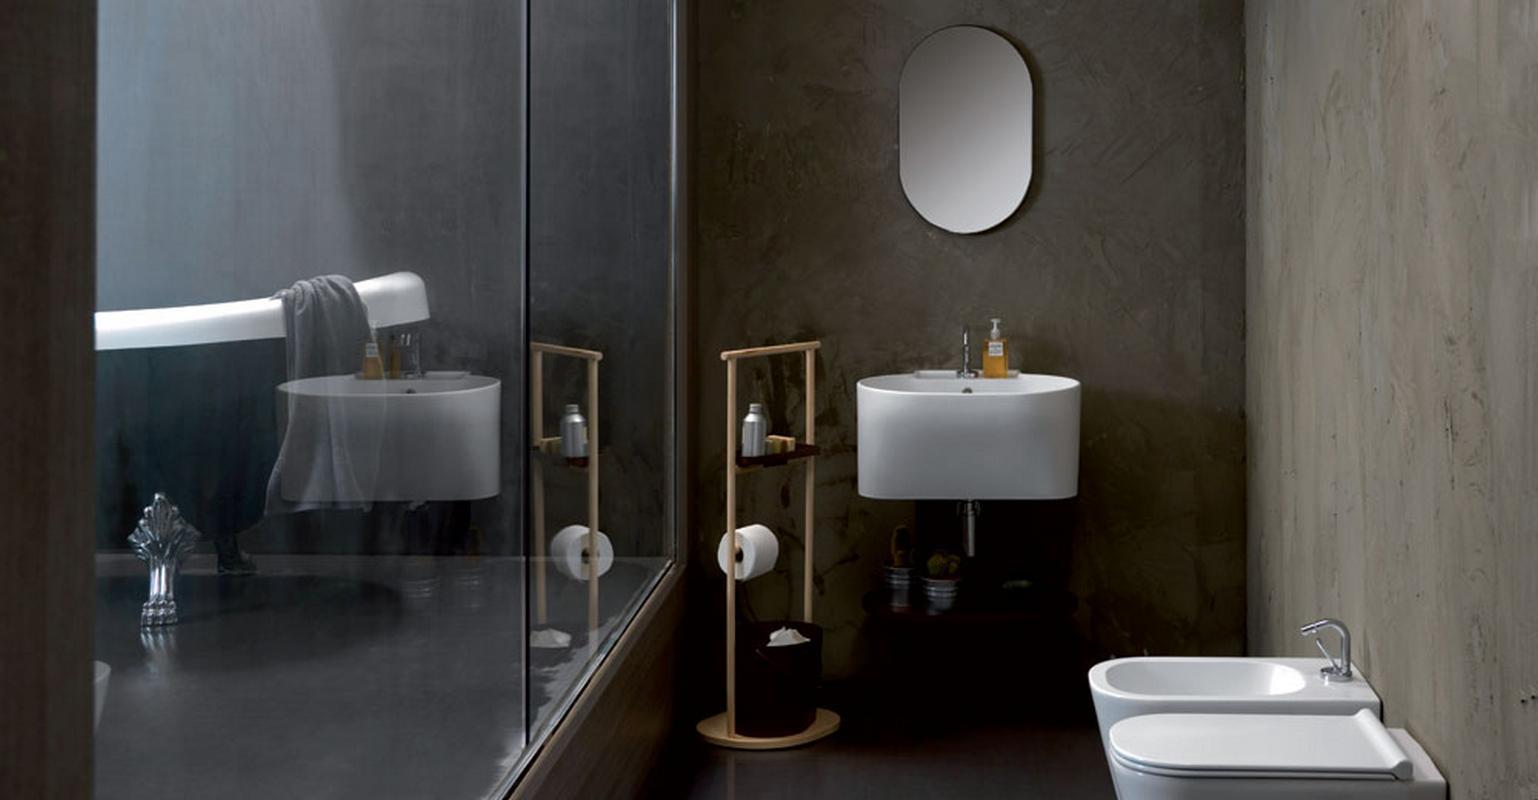 Arredobagno bologna amazing accessori accessori bagno for Accessori sanitari bagno